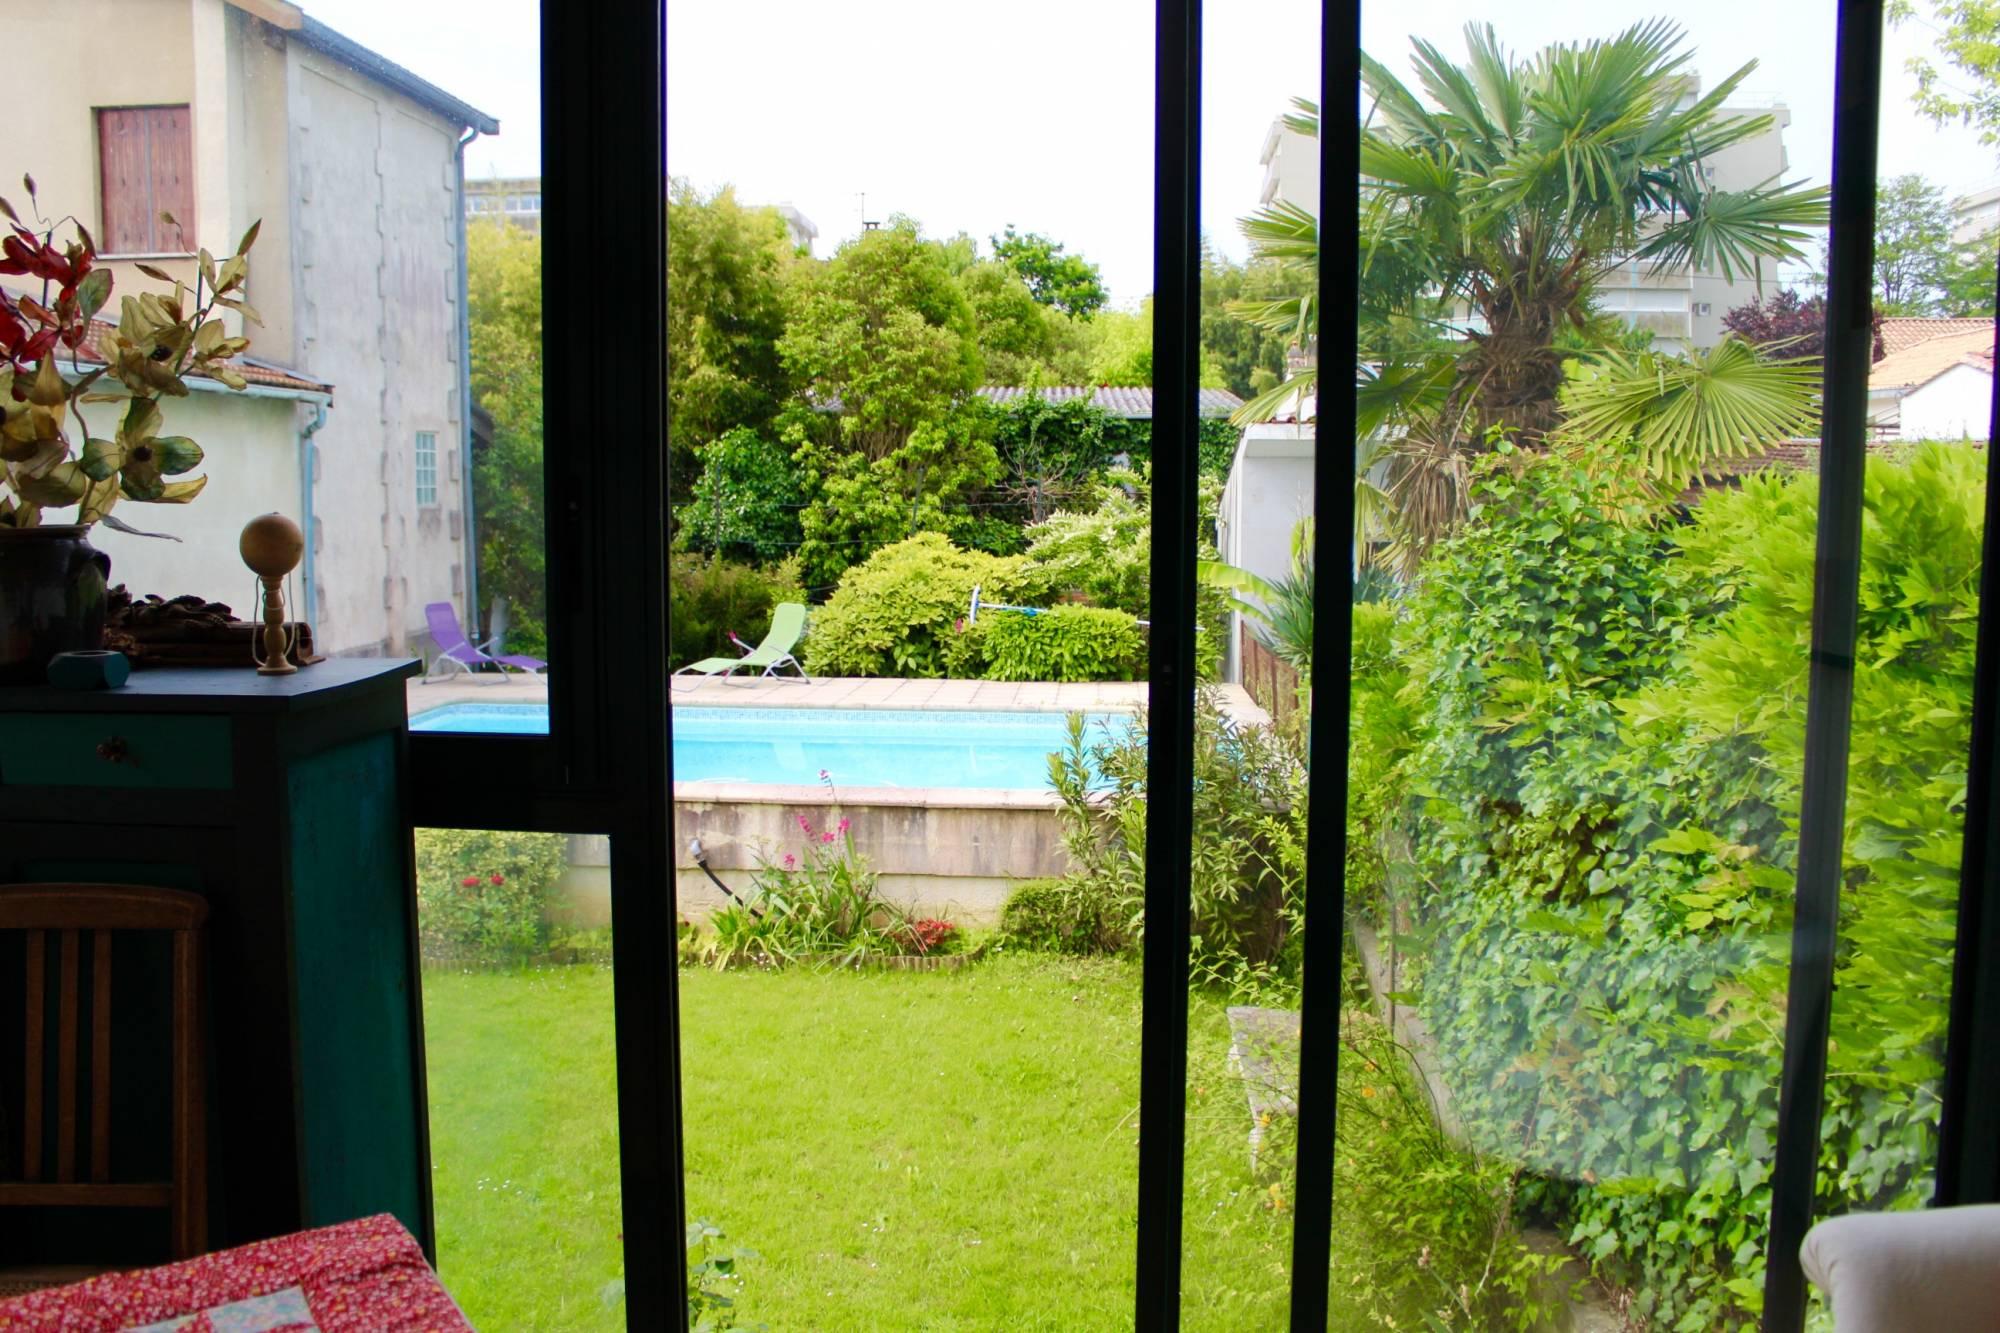 Acheter En Programme Neuf Pour Louer Bordeaux Caudéran ... intérieur Maison Avec Jardin A Louer